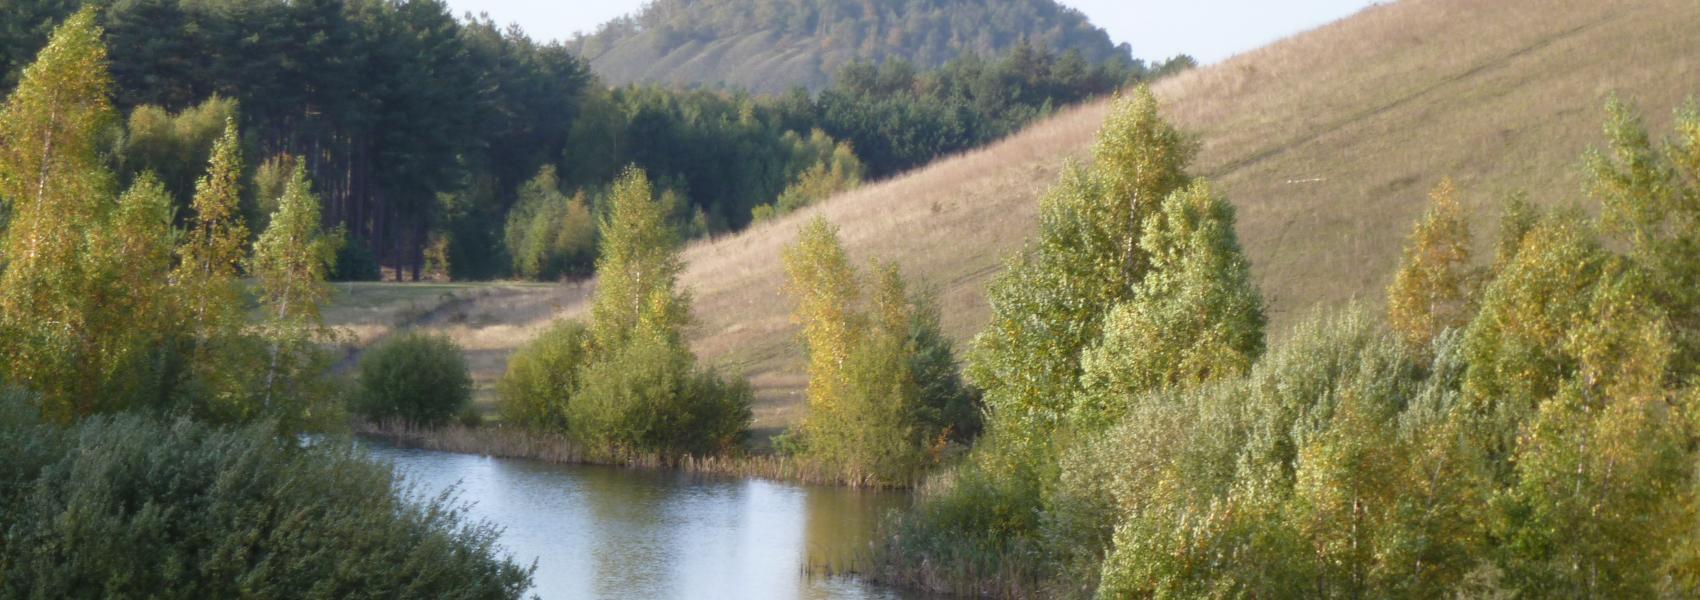 vijver in het landschap